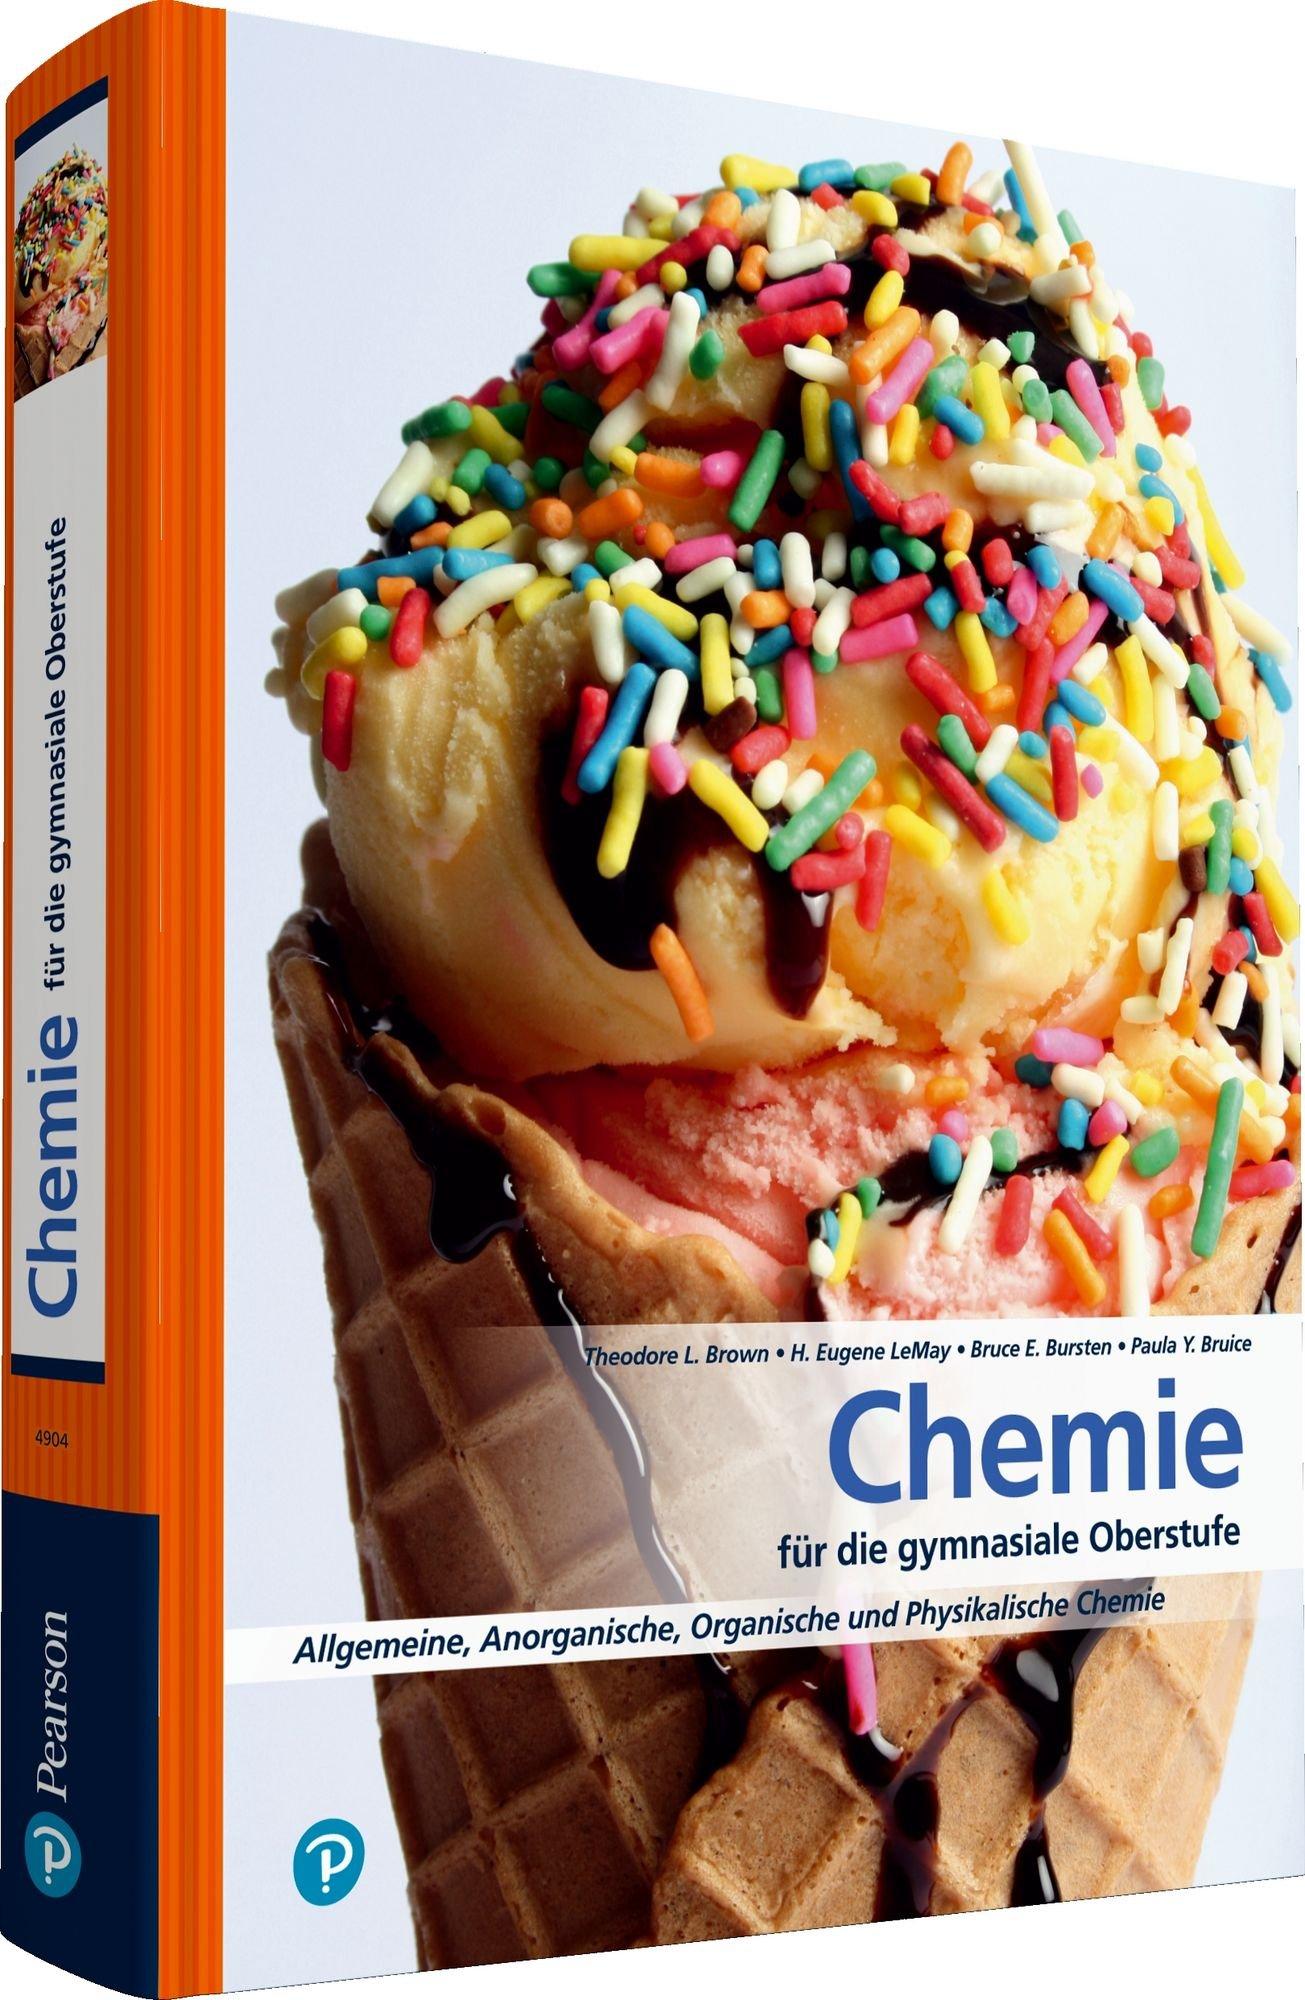 Chemie für die Gymnasiale Oberstufe: Allgemeine, Organische und ...